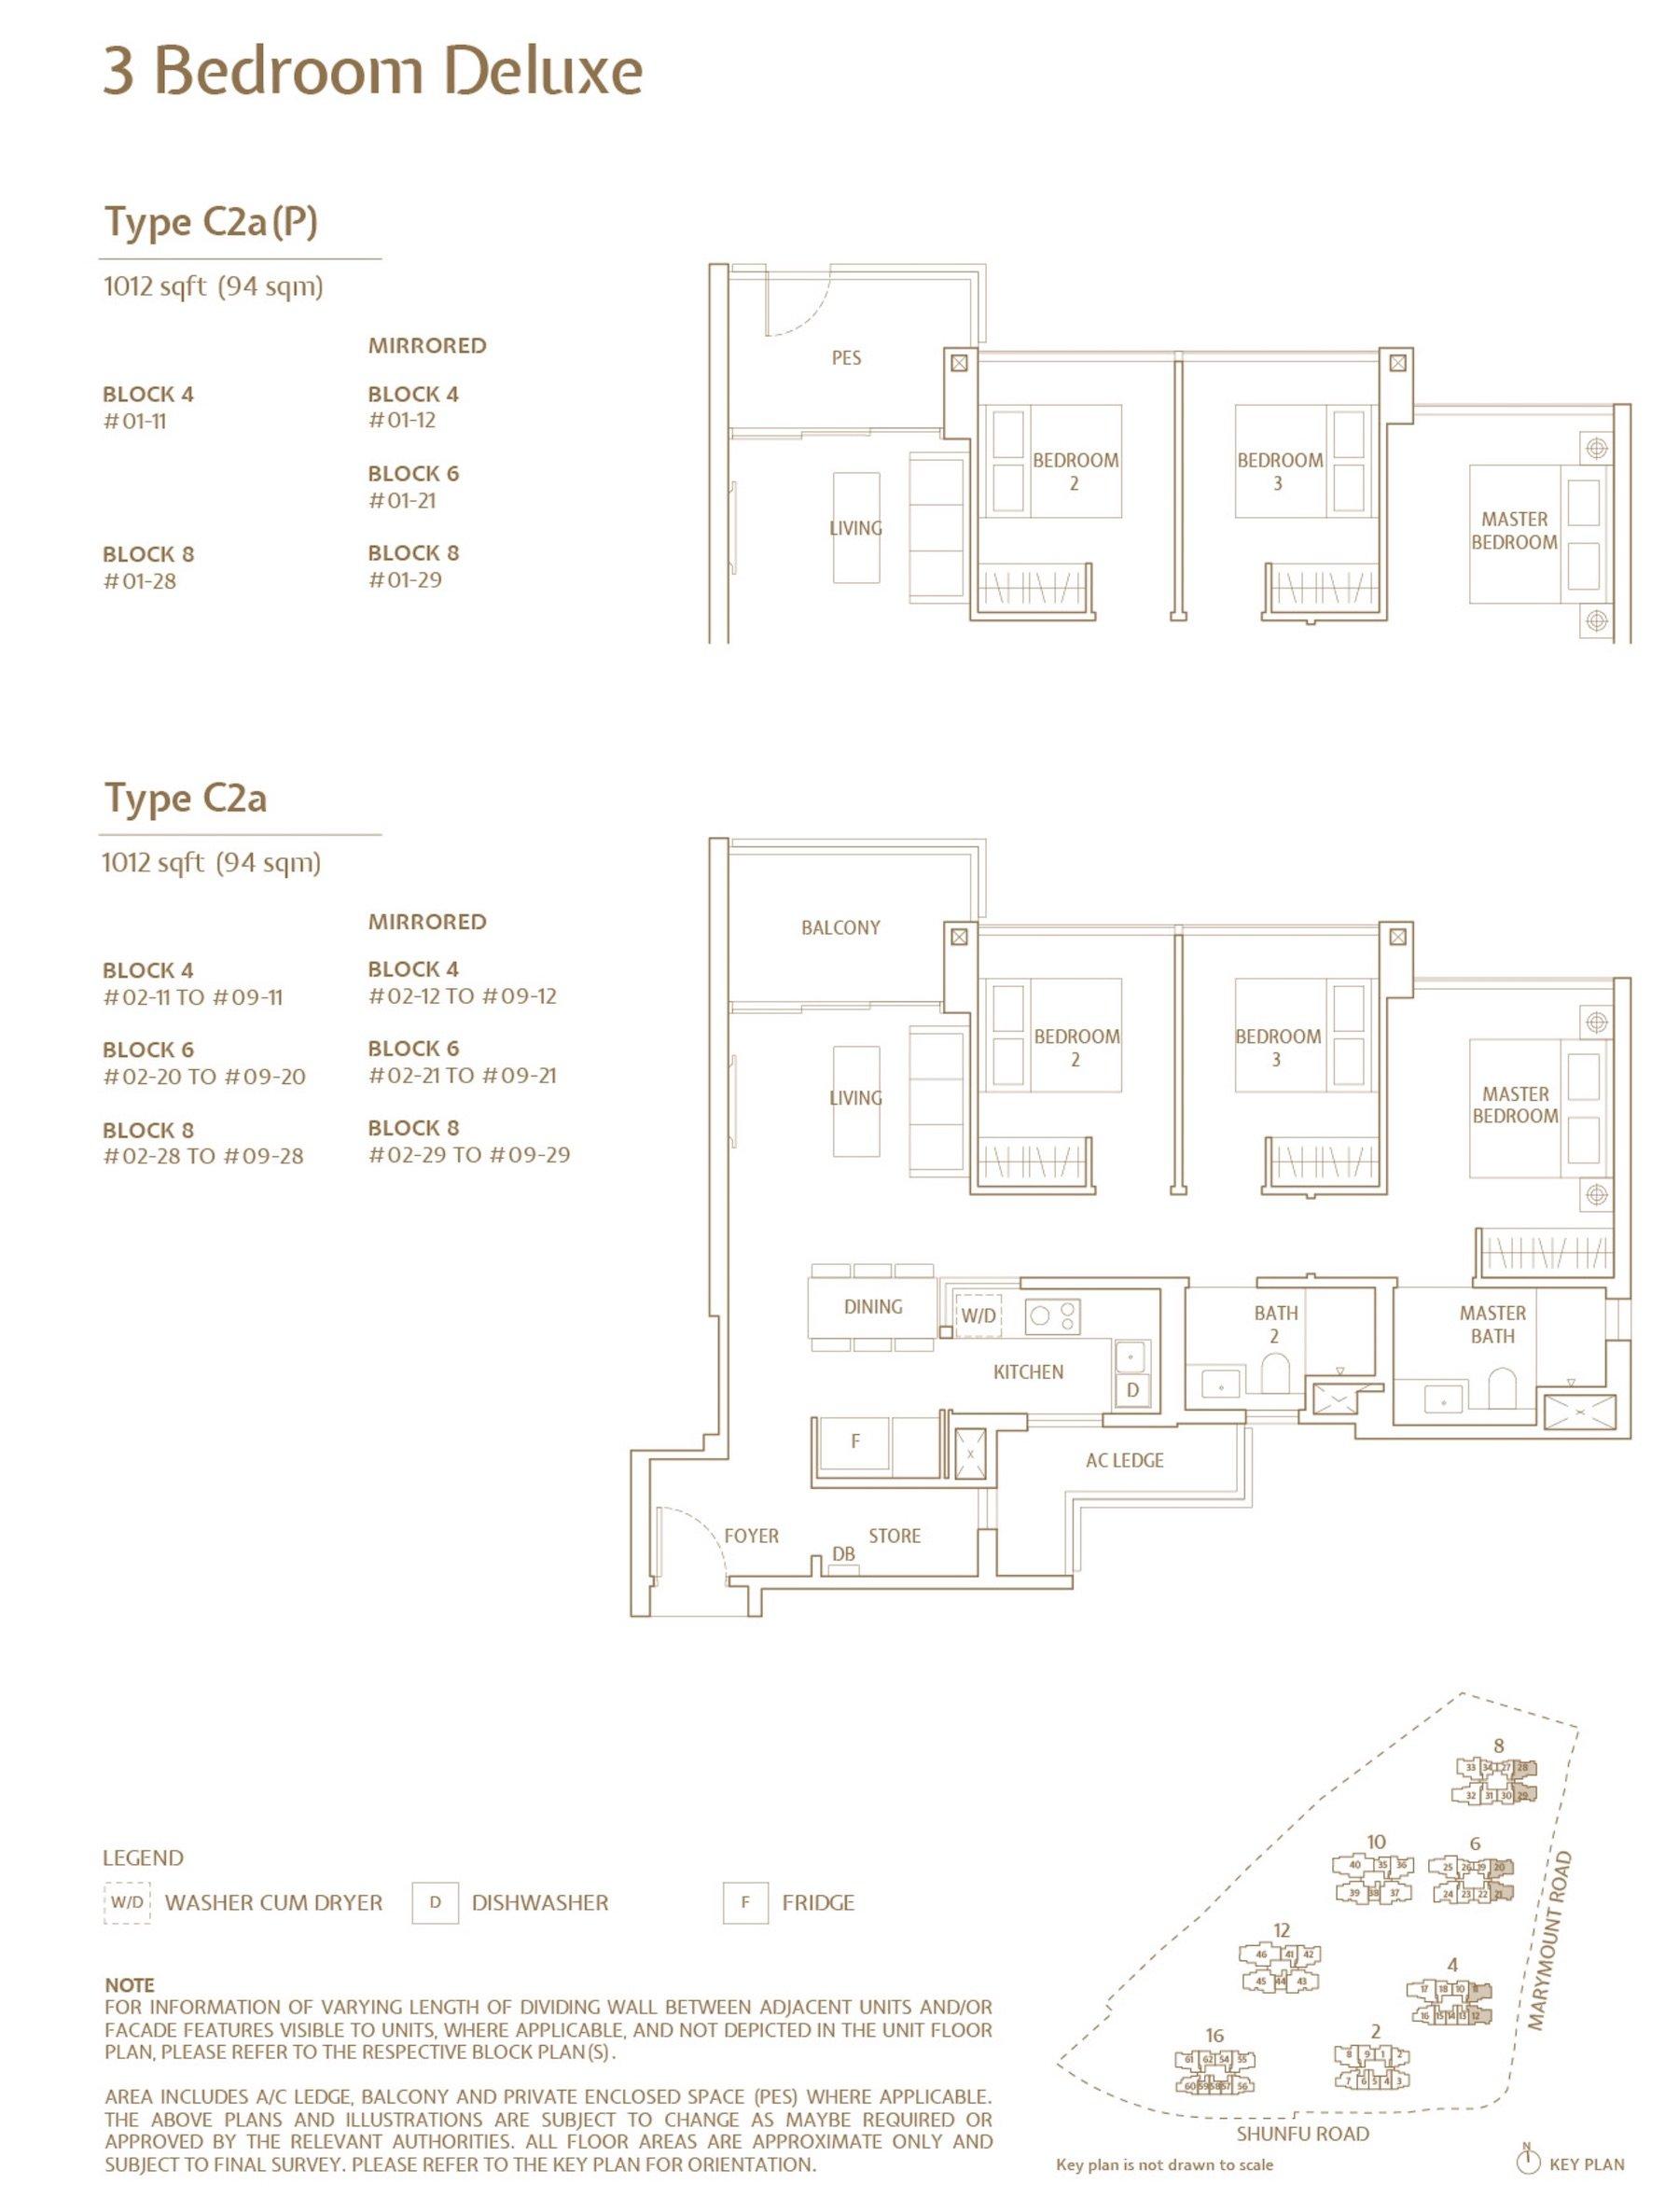 Jadescape 顺福轩 condo 3 bedroom type C2a